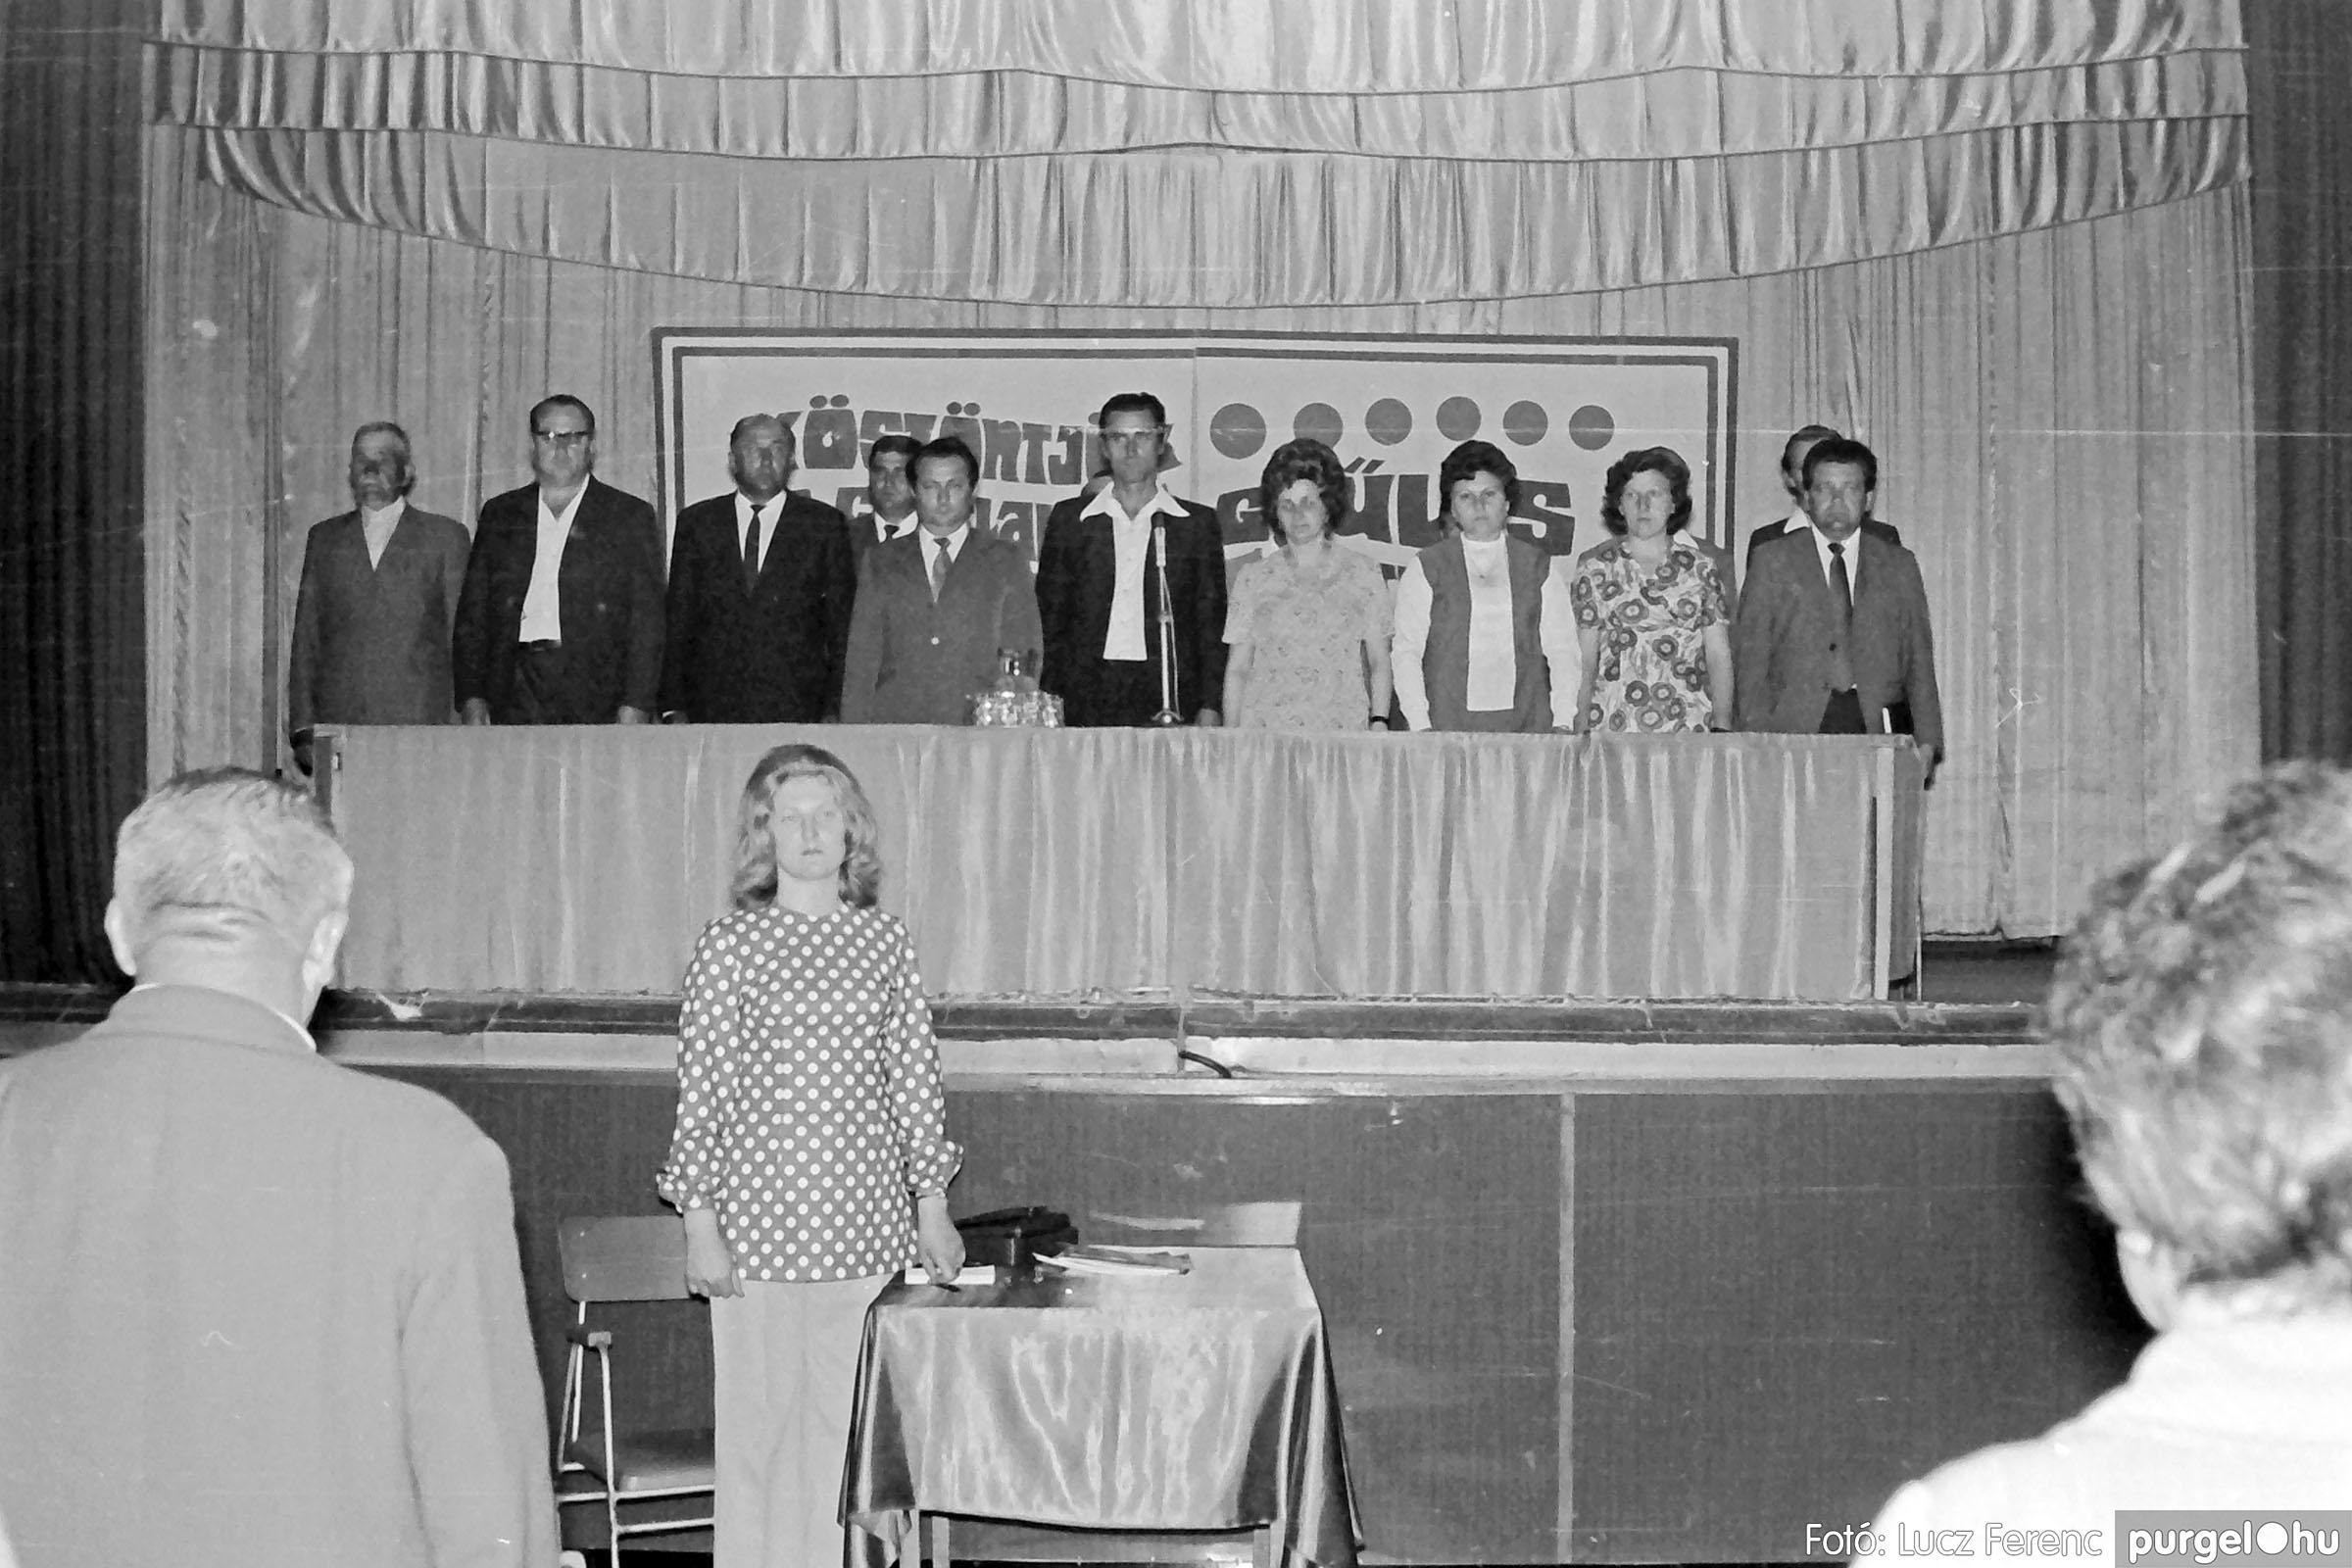 016 1975. Csatlakozó gyűlés a kultúrházban 005 - Fotó: Lucz Ferenc IMG00178.JPG